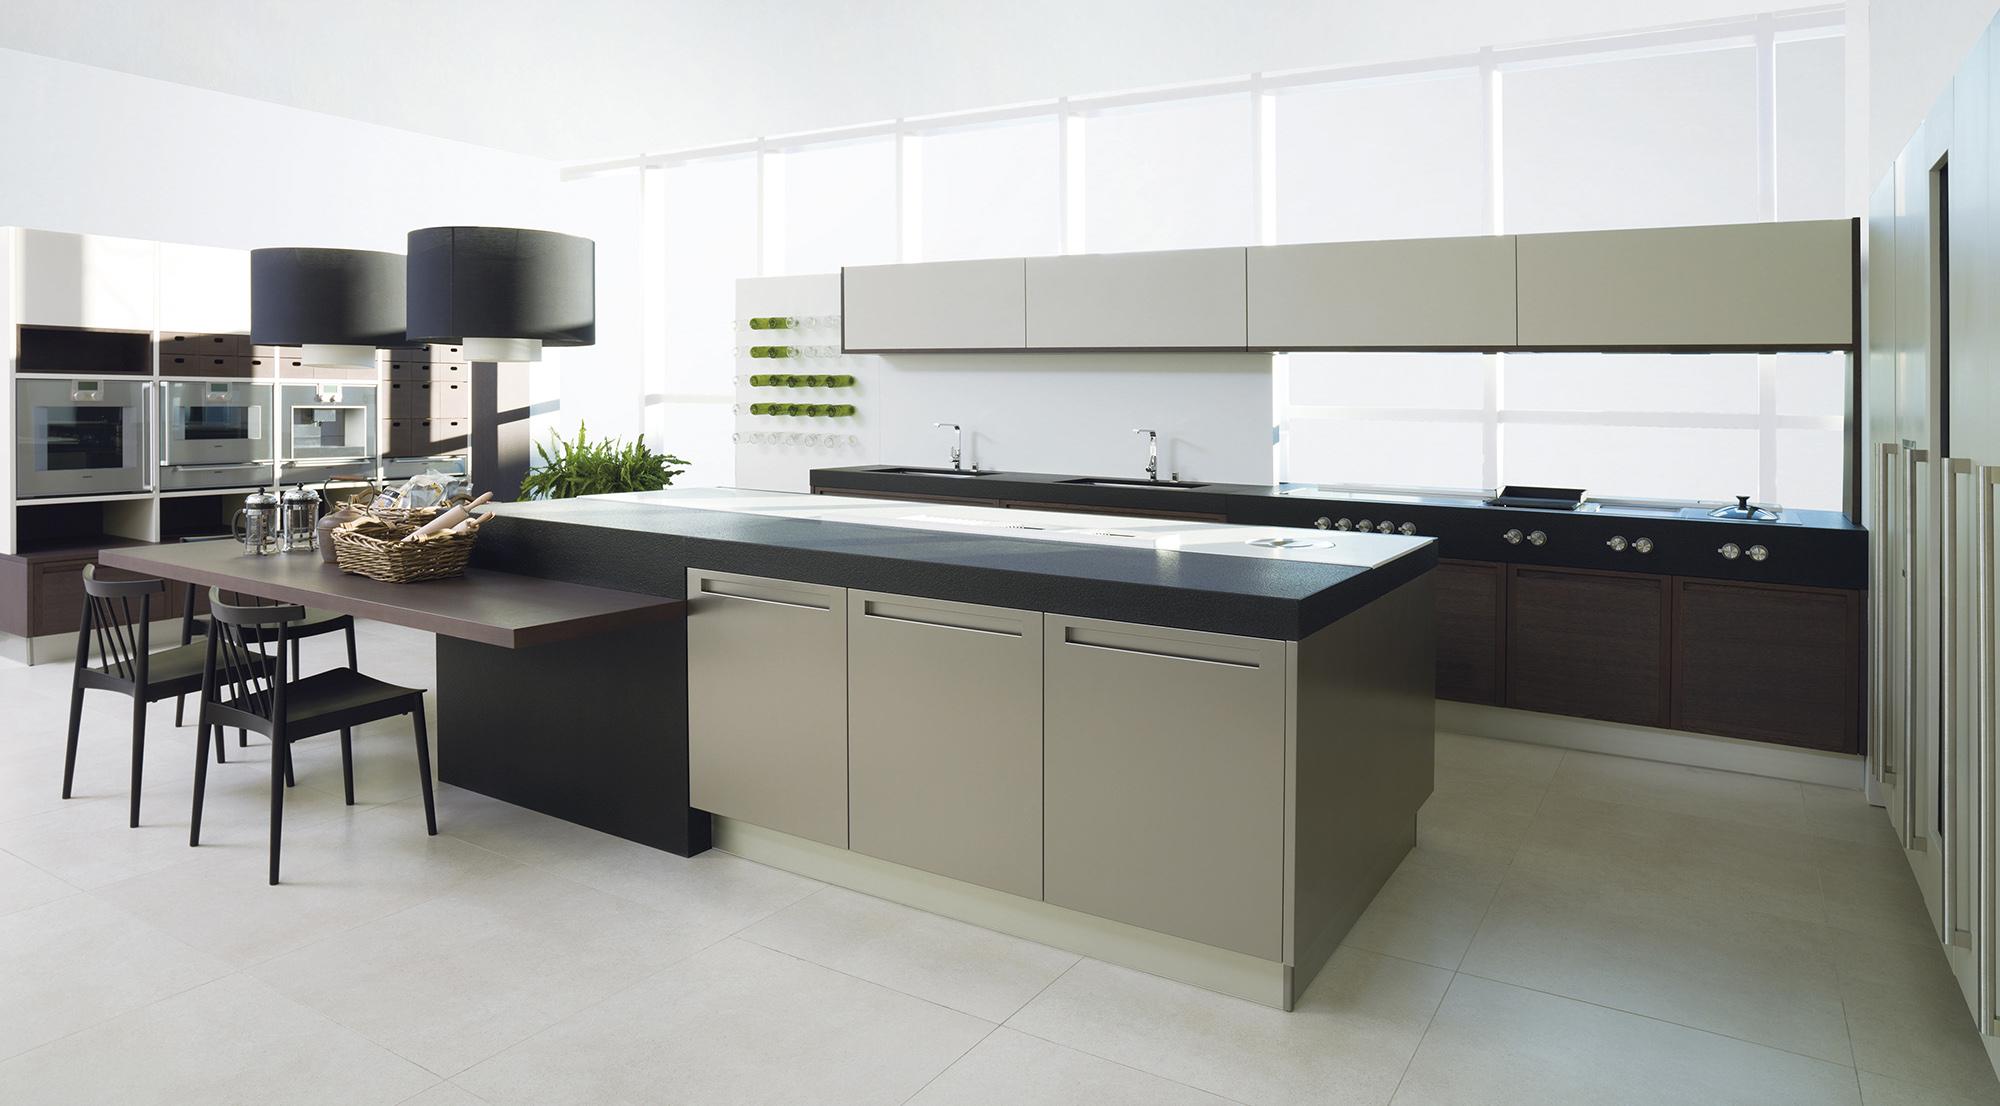 Jorge Fernández | Tienda de cerámica, cocina, baño y construcción